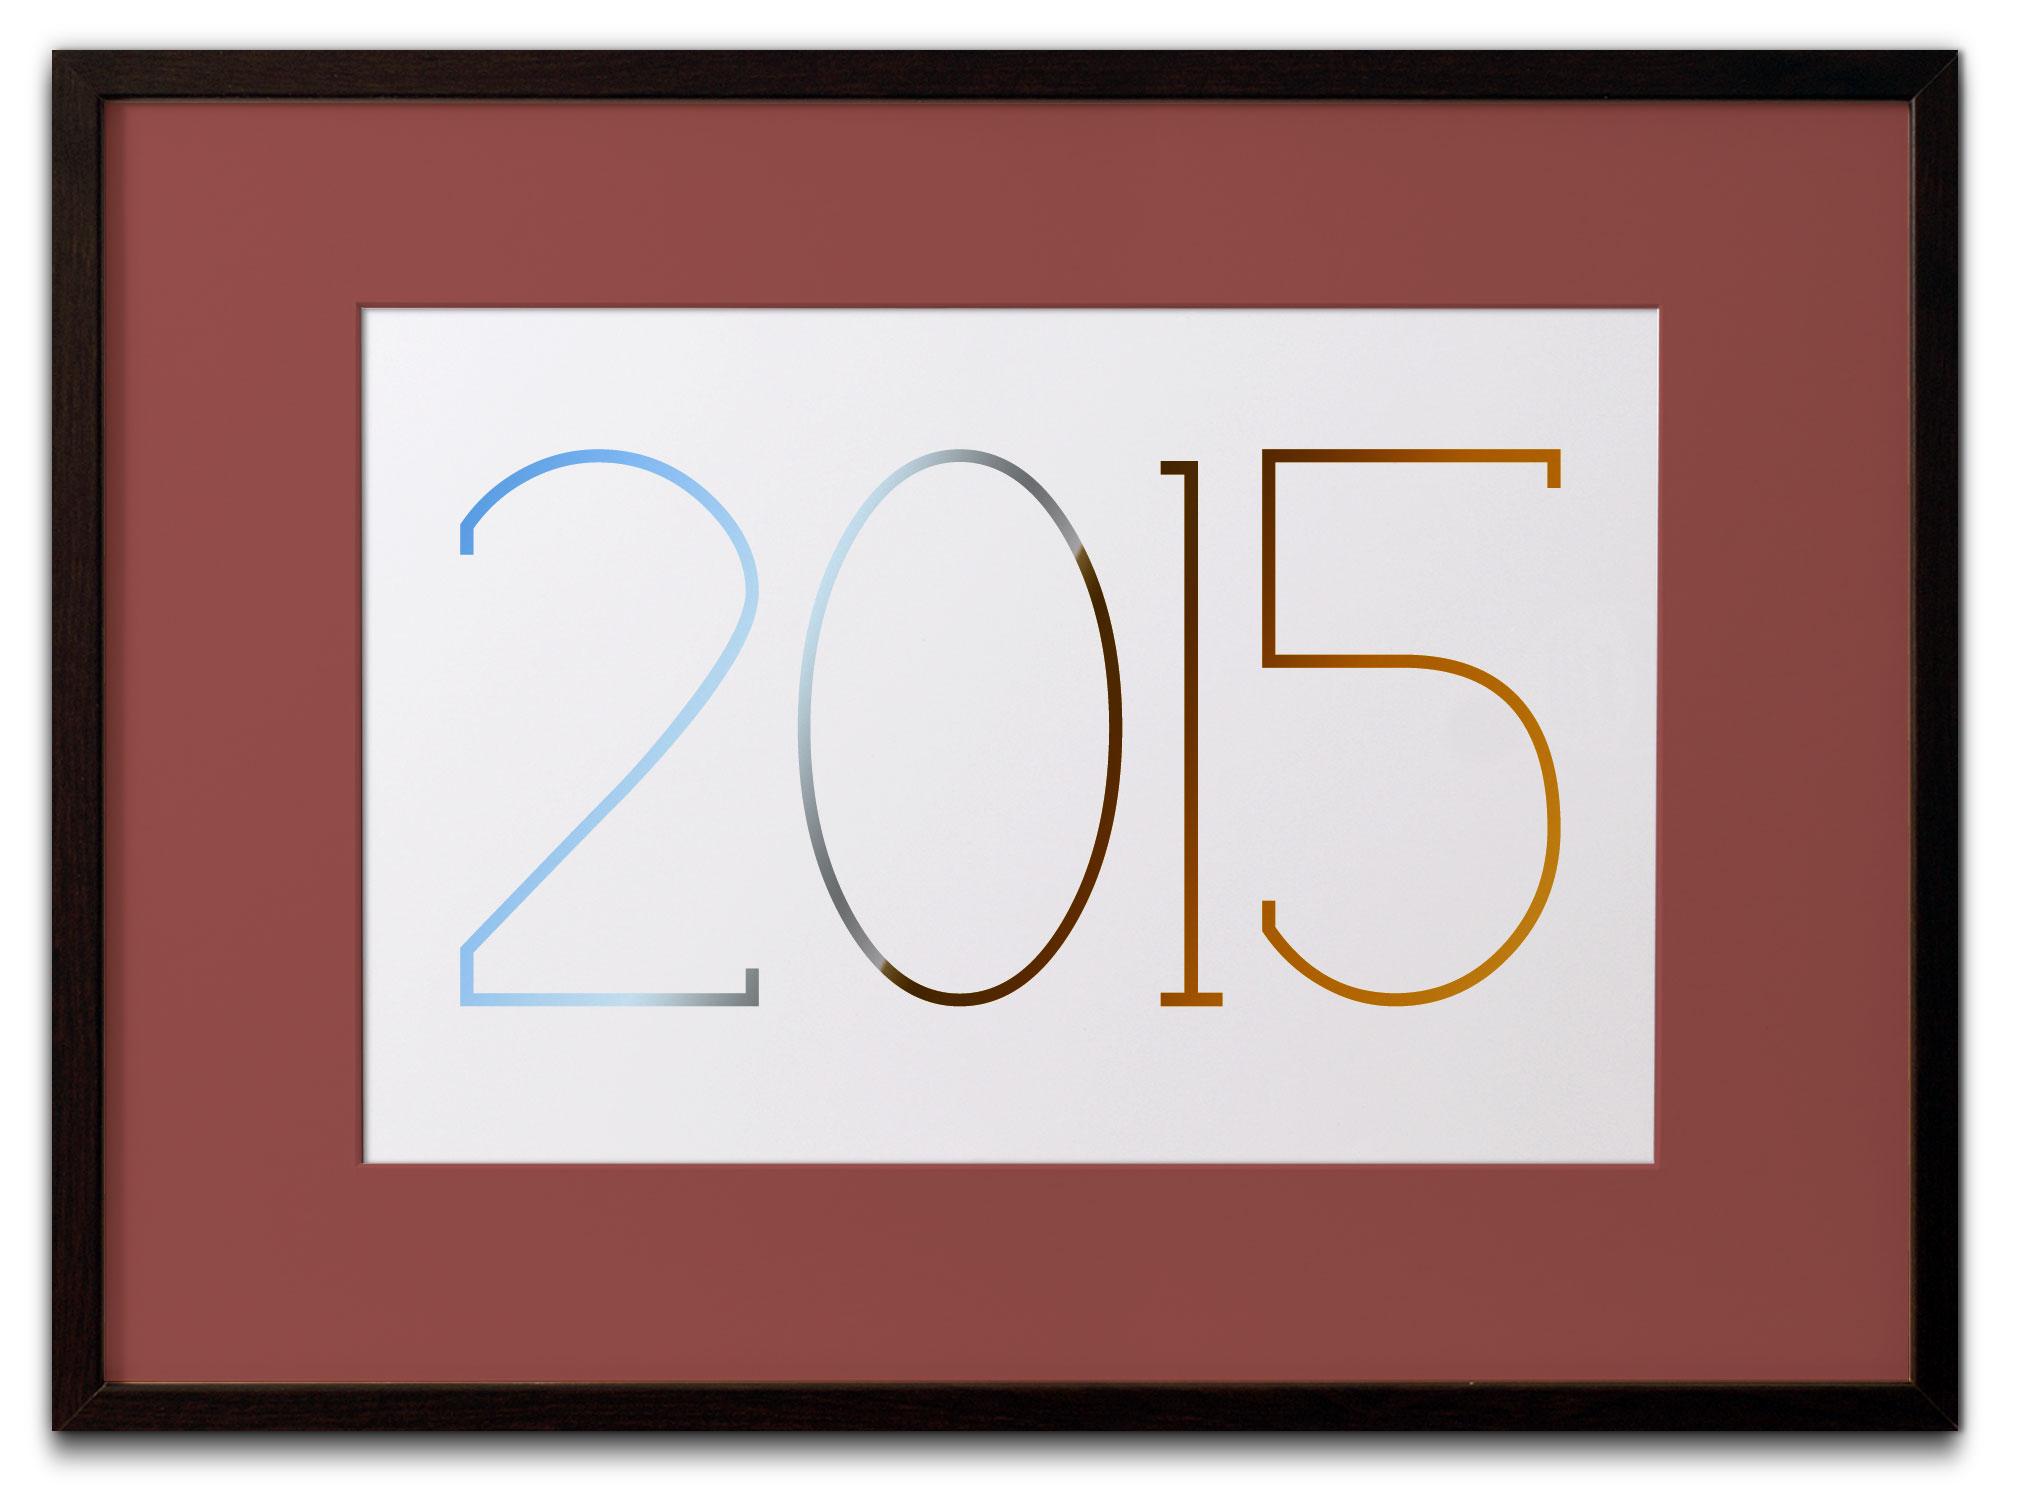 2015 RESOLUTIONS @ Stu-Art Supplies